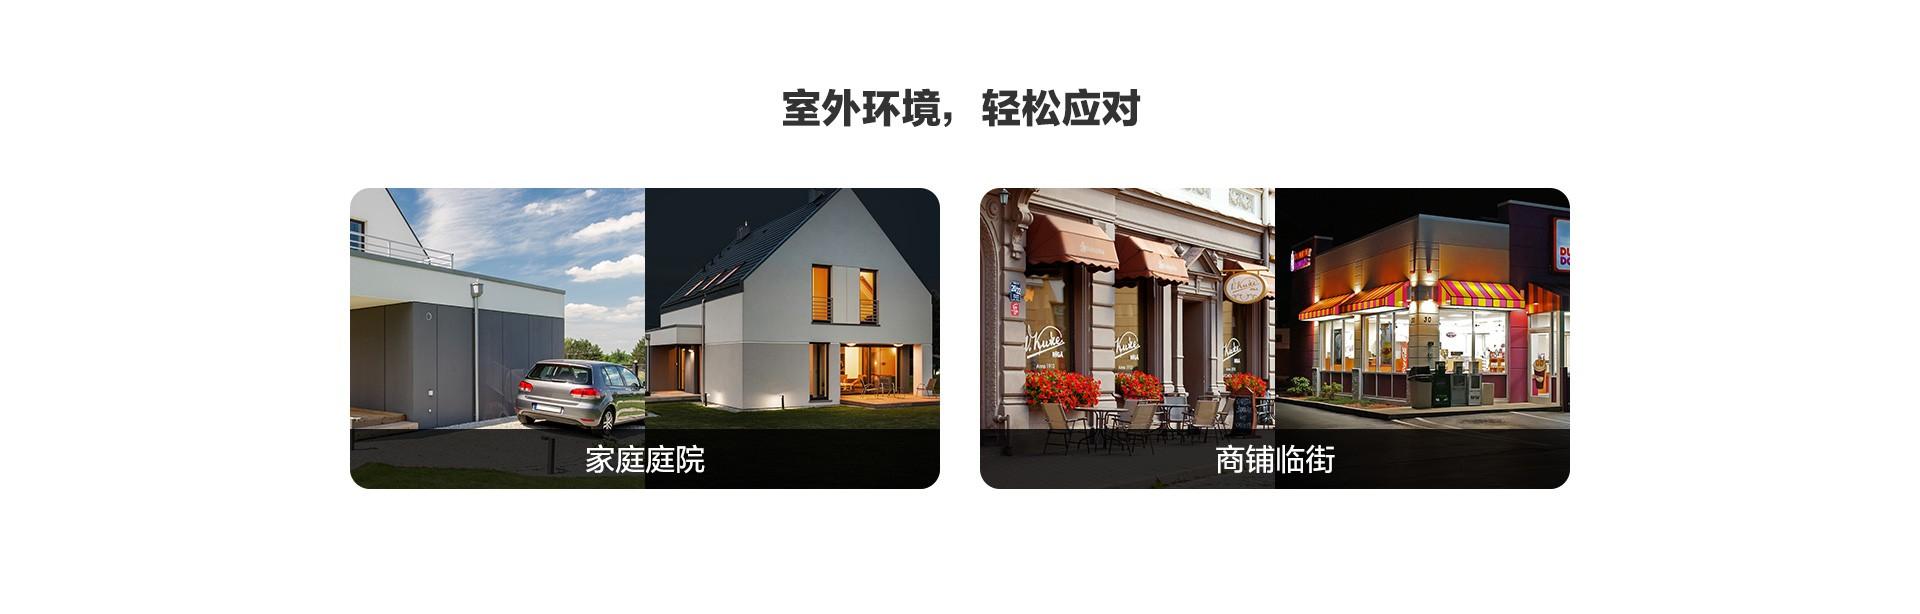 C3室外摄像机通用场景-web.jpg